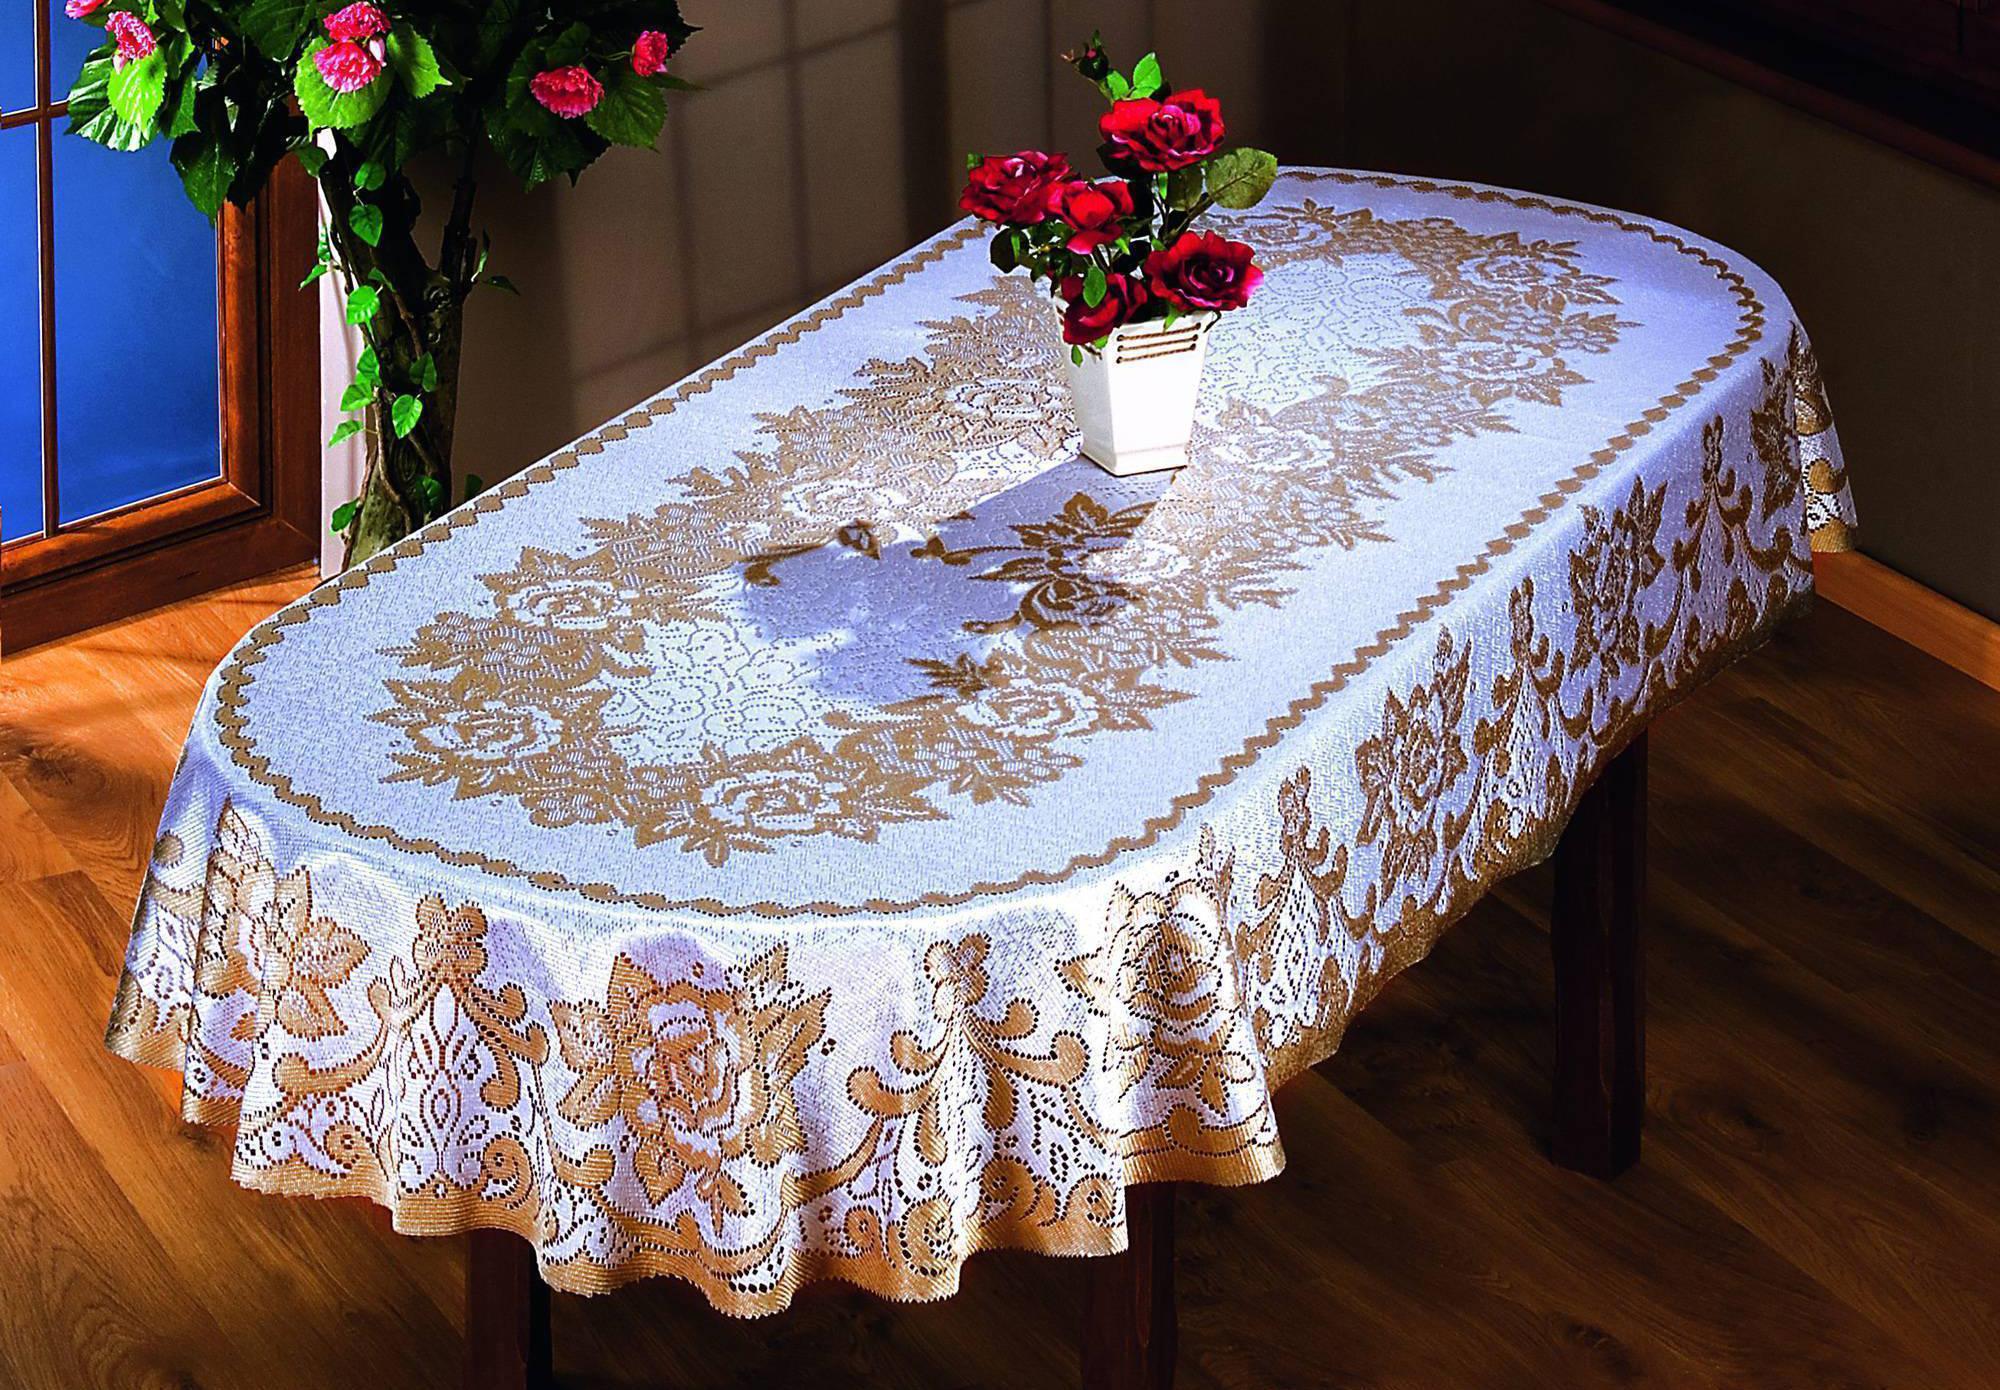 Виниловая скатерть на столе